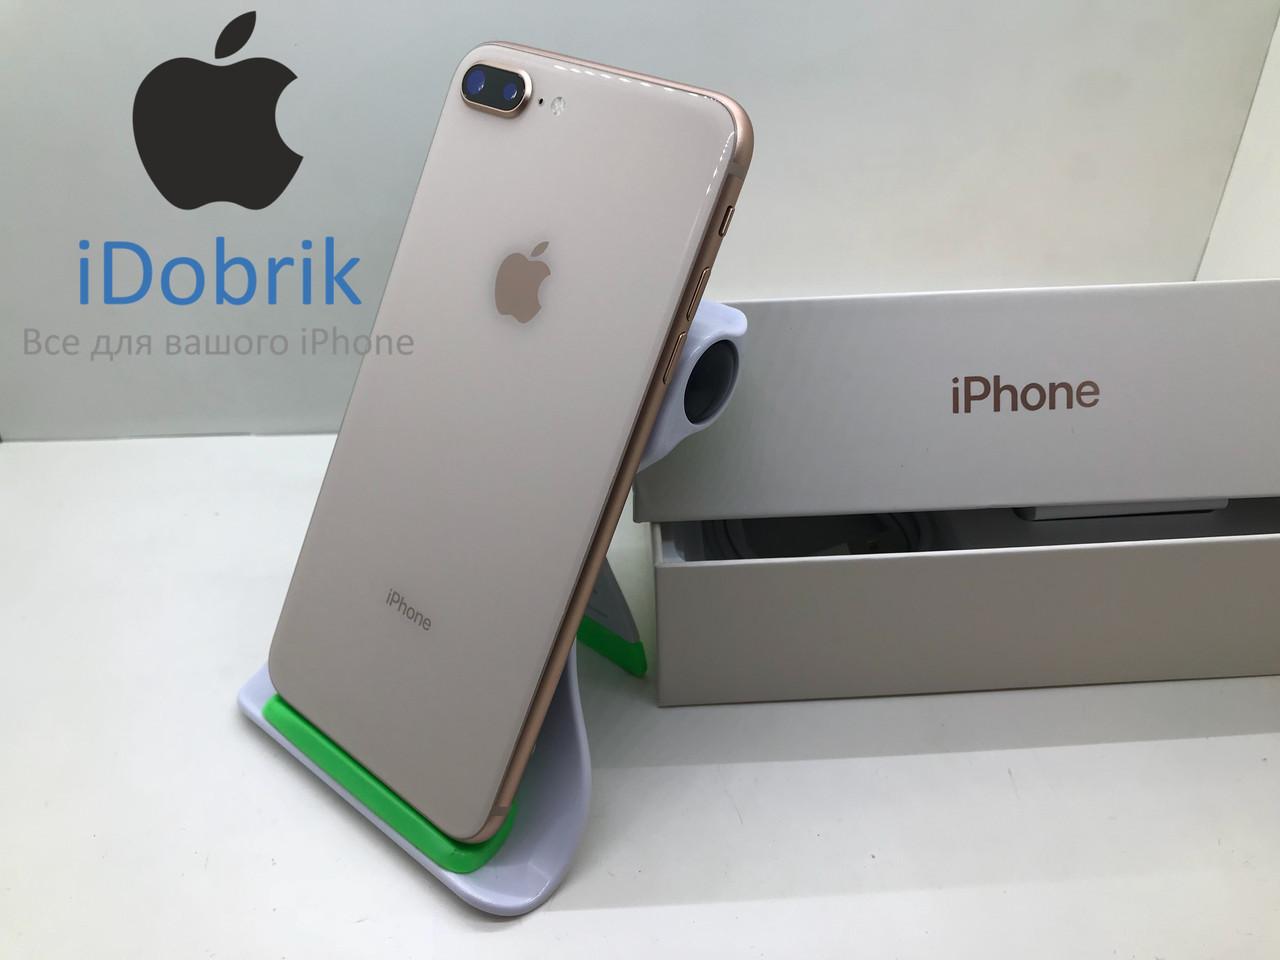 Б/У iPhone 8 Plus 64gb Gold Neverlock 10/10